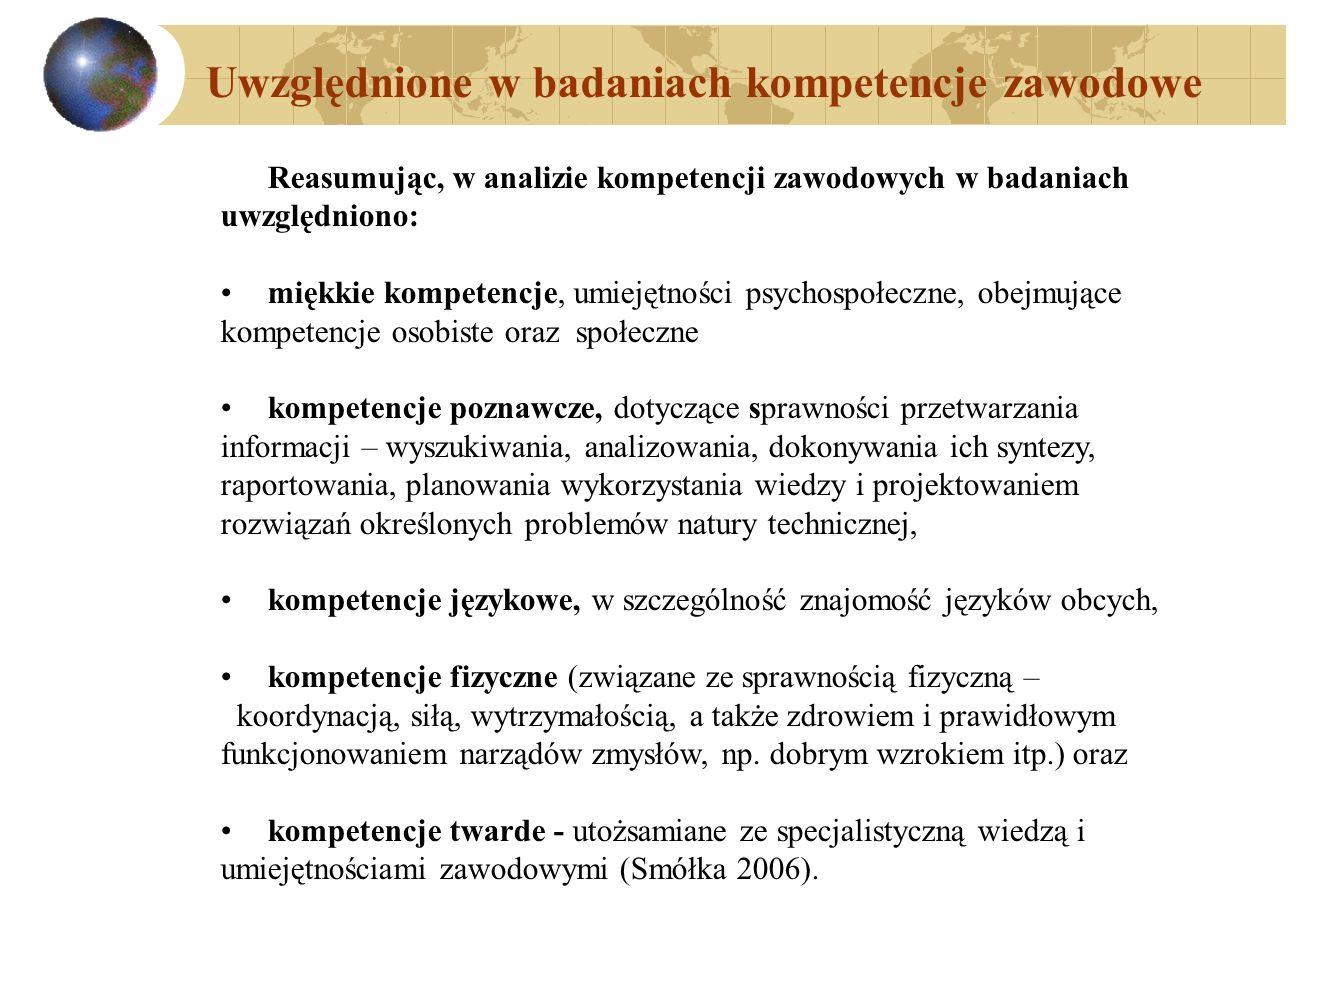 Uwzględnione w badaniach kompetencje zawodowe